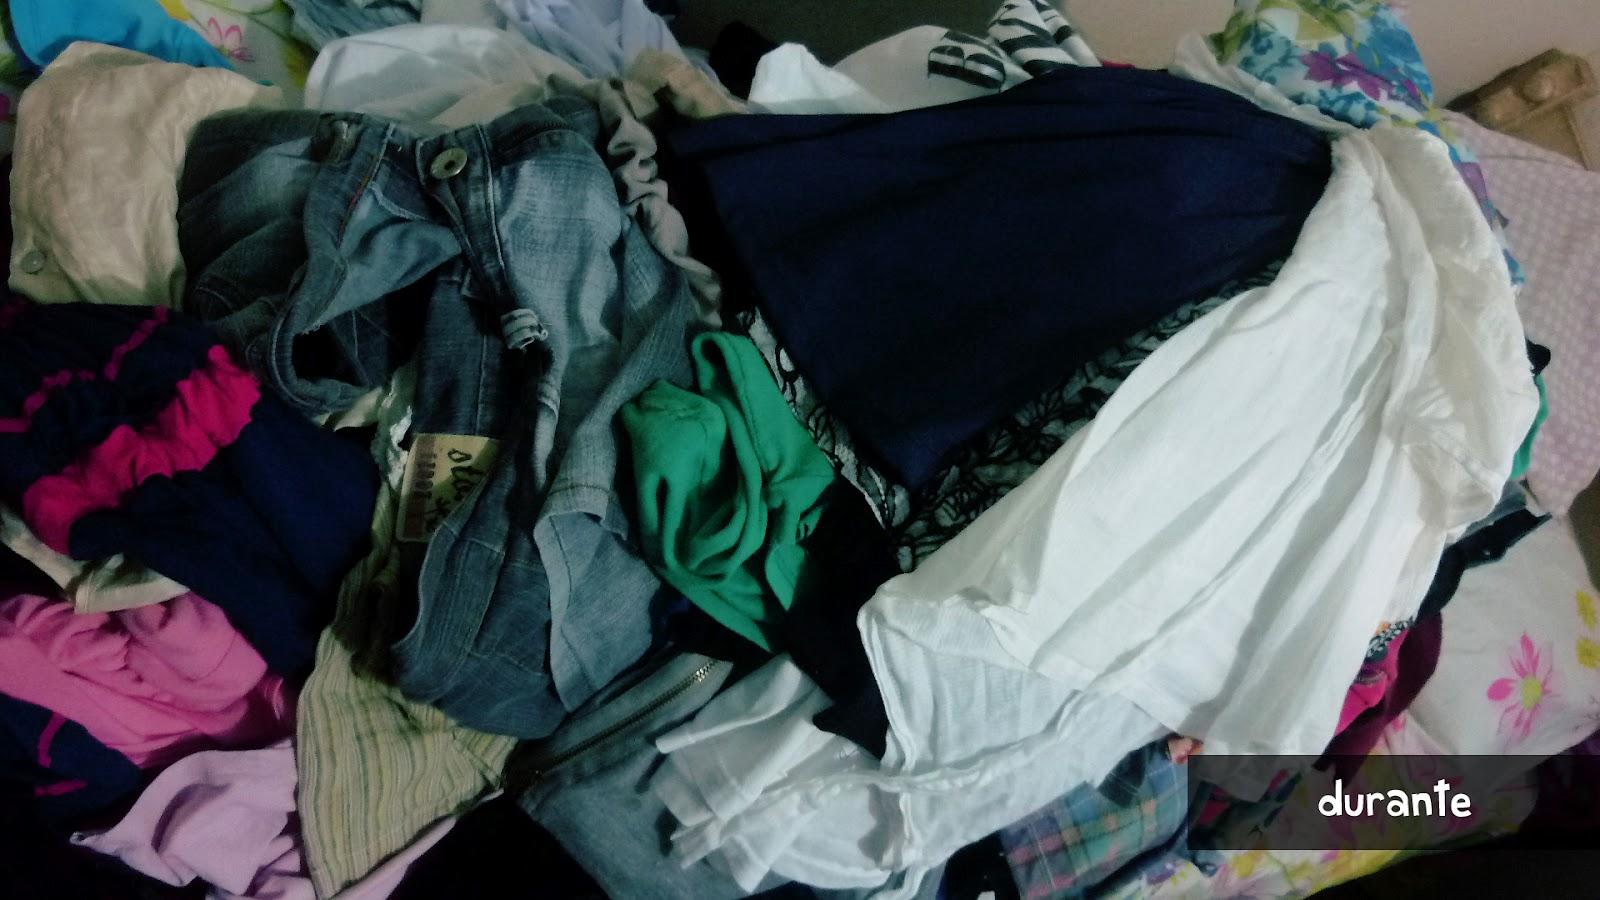 Tinha muita roupa ali no meio que eu até tinha esquecido que tinha